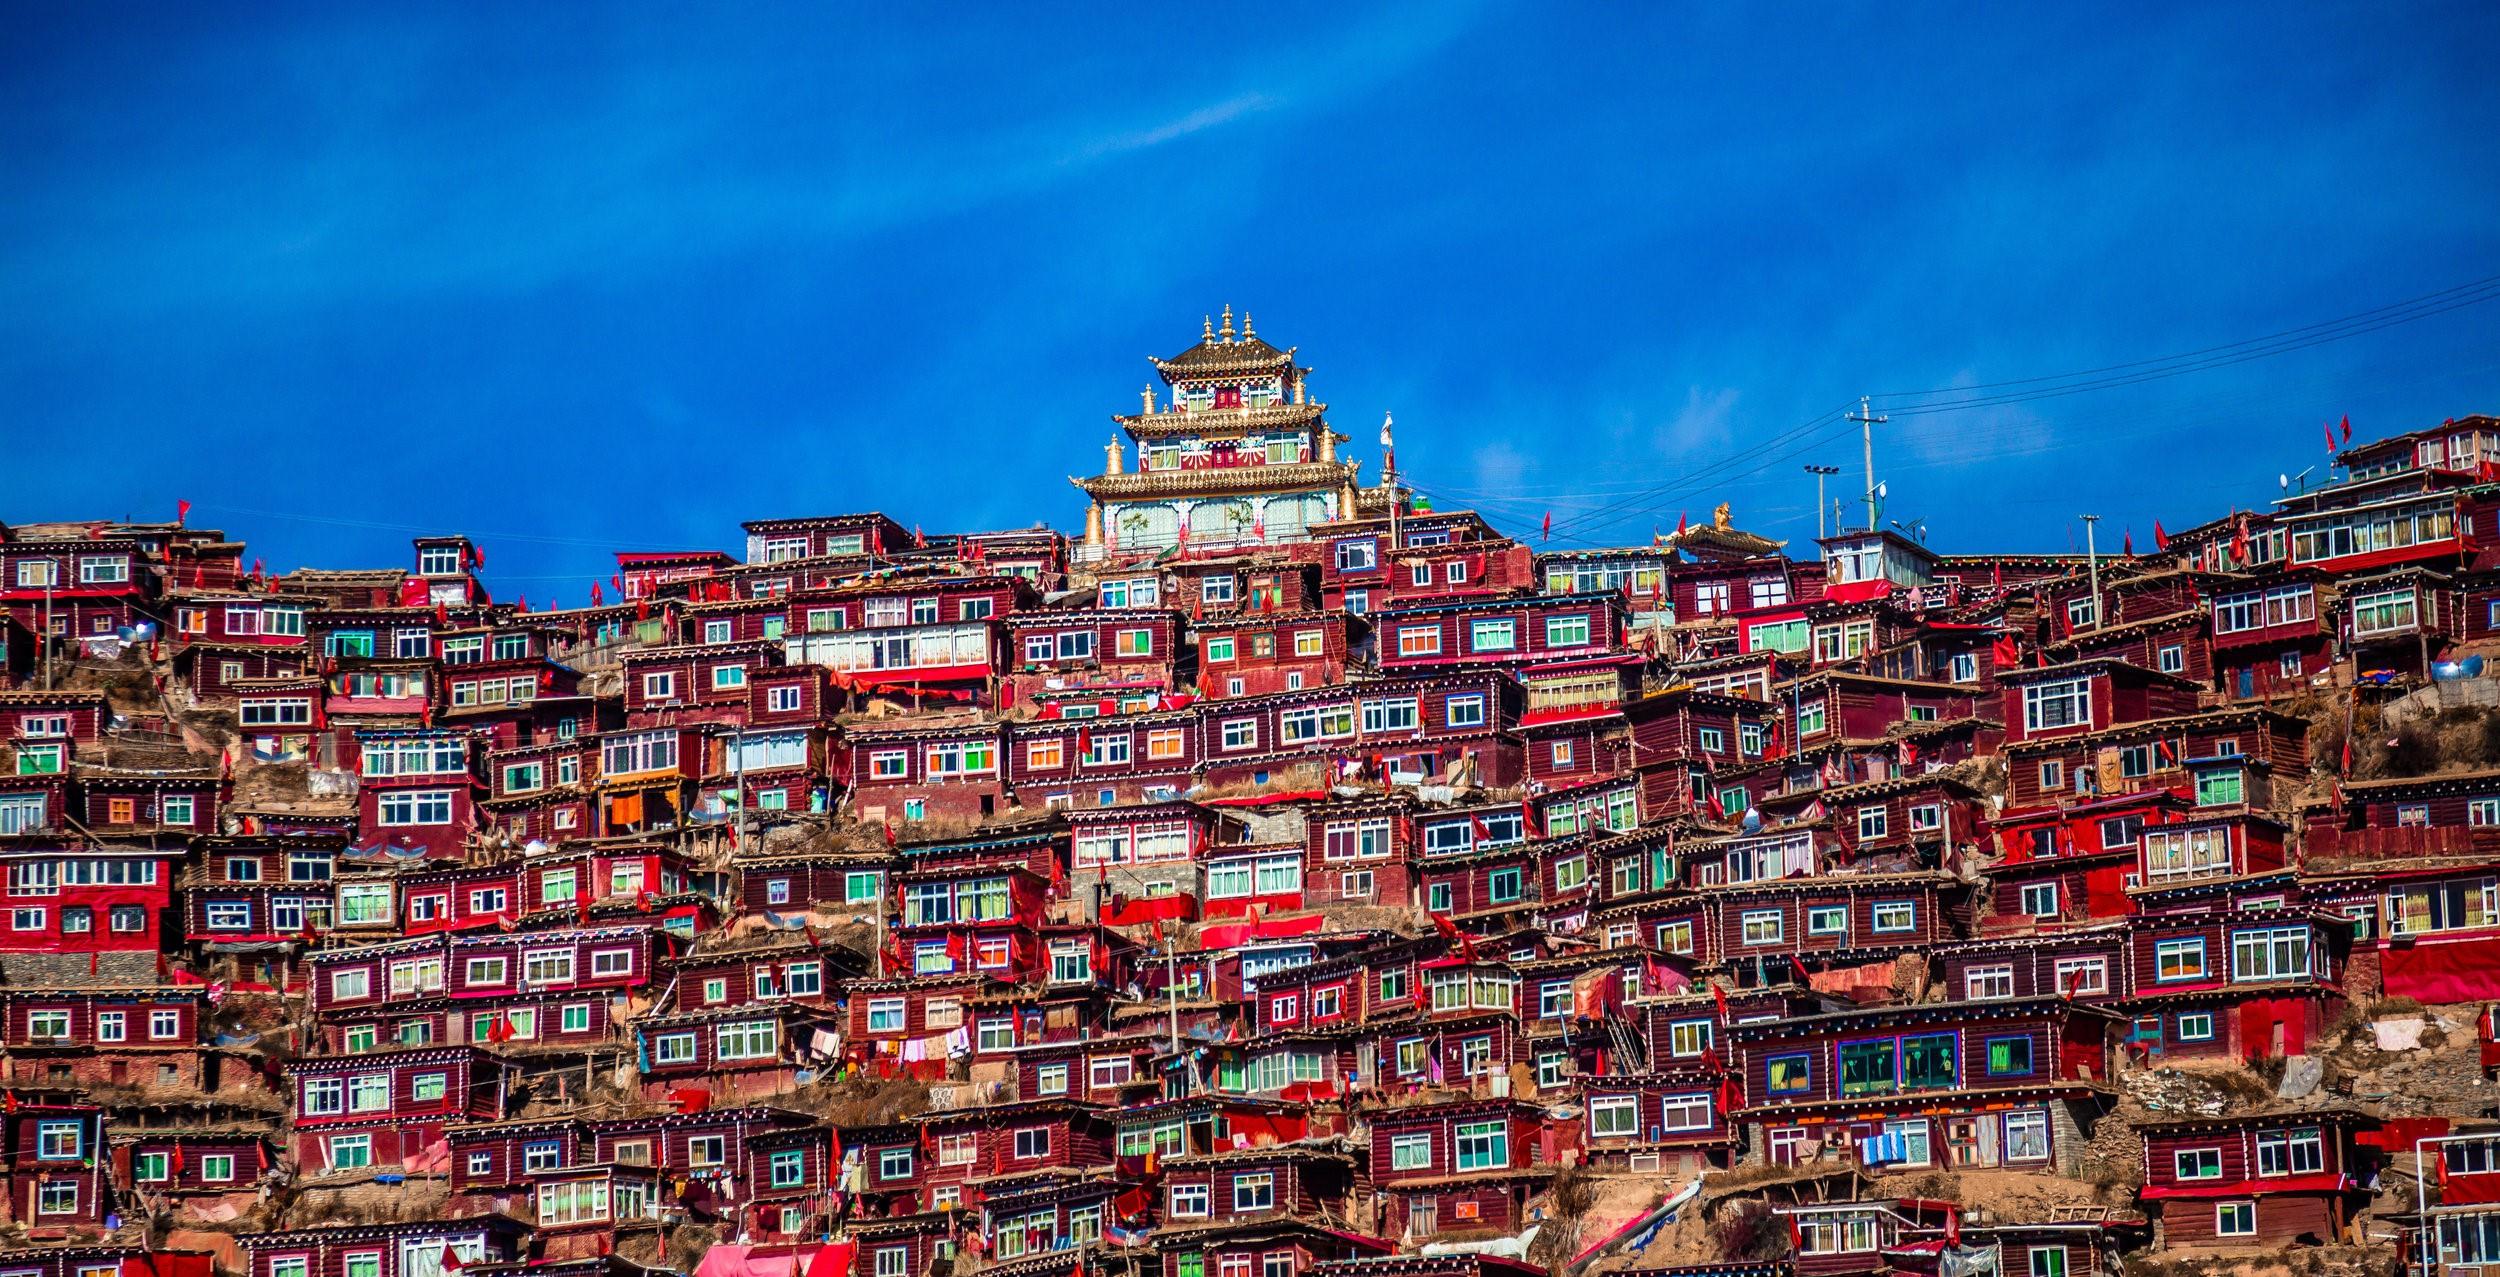 زیباترین شهرهای تپه ای دنیا